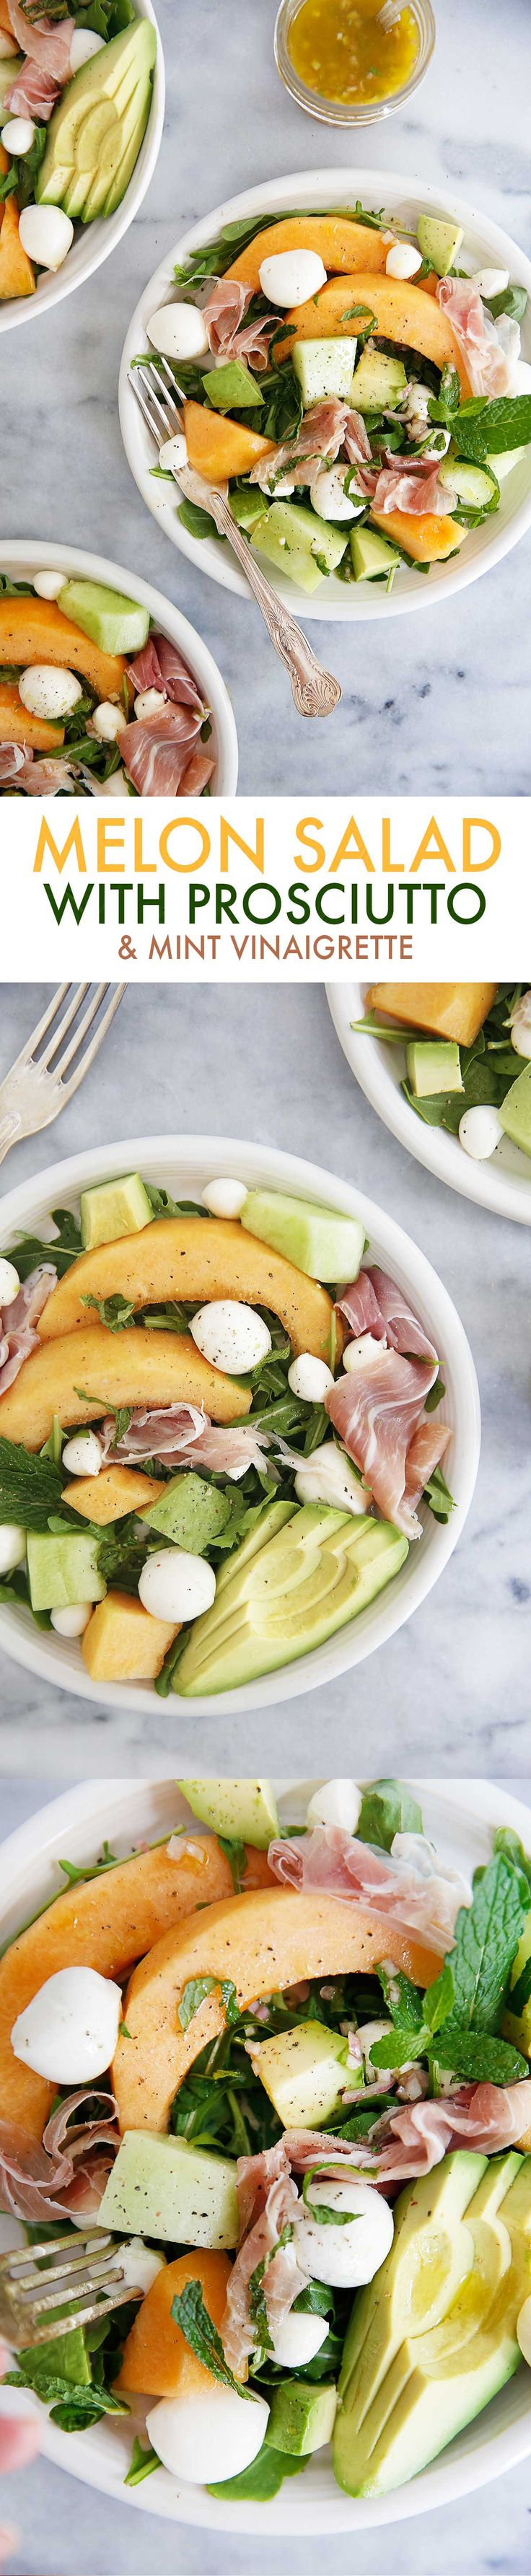 Melon and Prosciutto Salad {Grain-free, gluten-free) | Lexi's Clean Kitchen